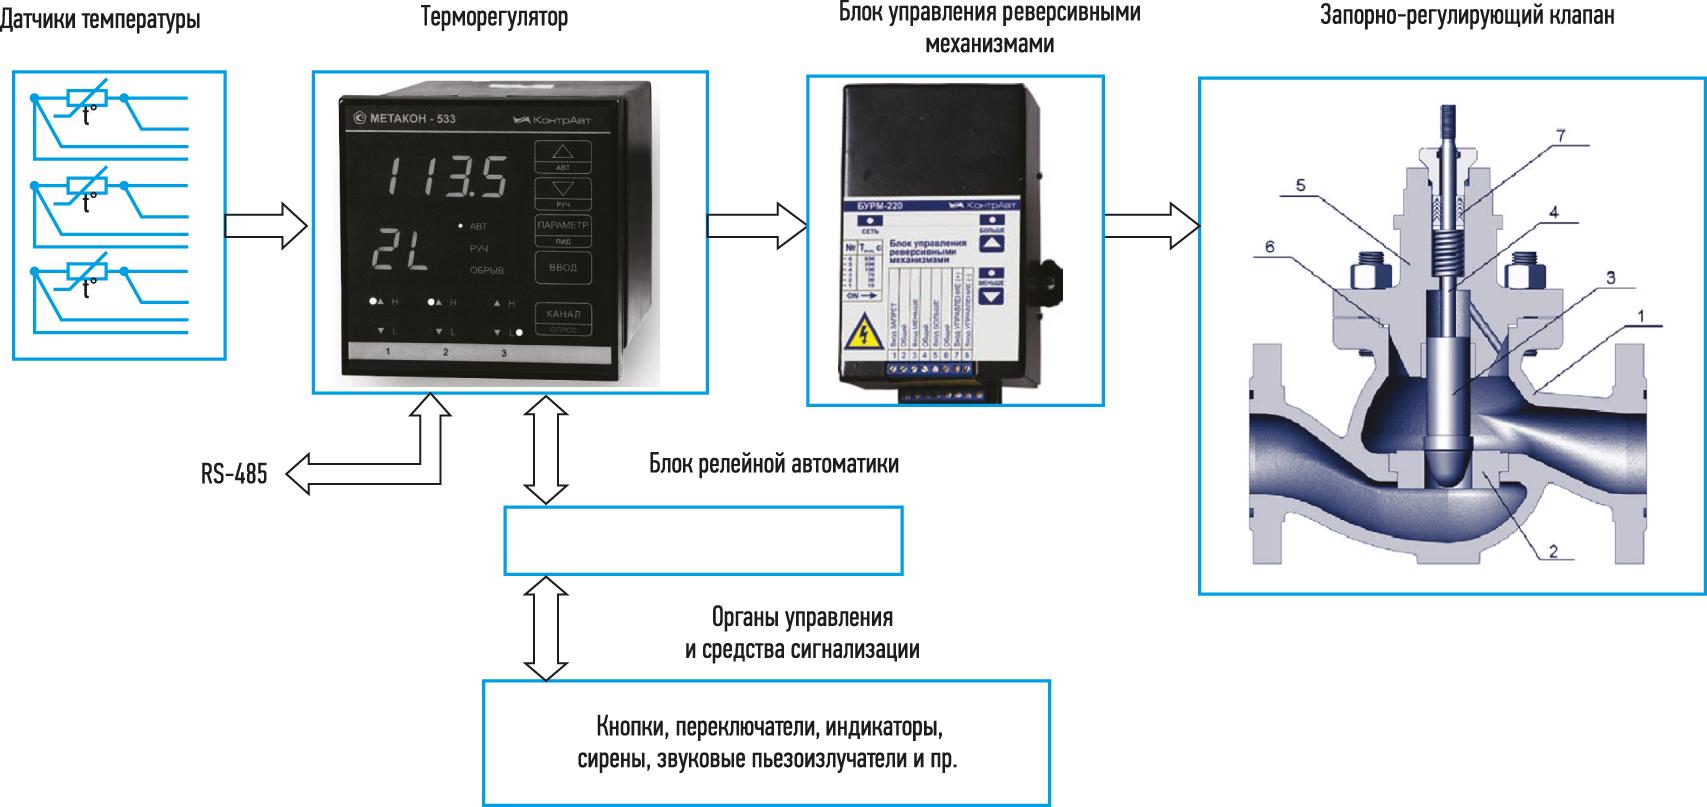 Структурная схема локальной АСУ ТП с реализацией ПИД-регулирования для электроприводной арматуры